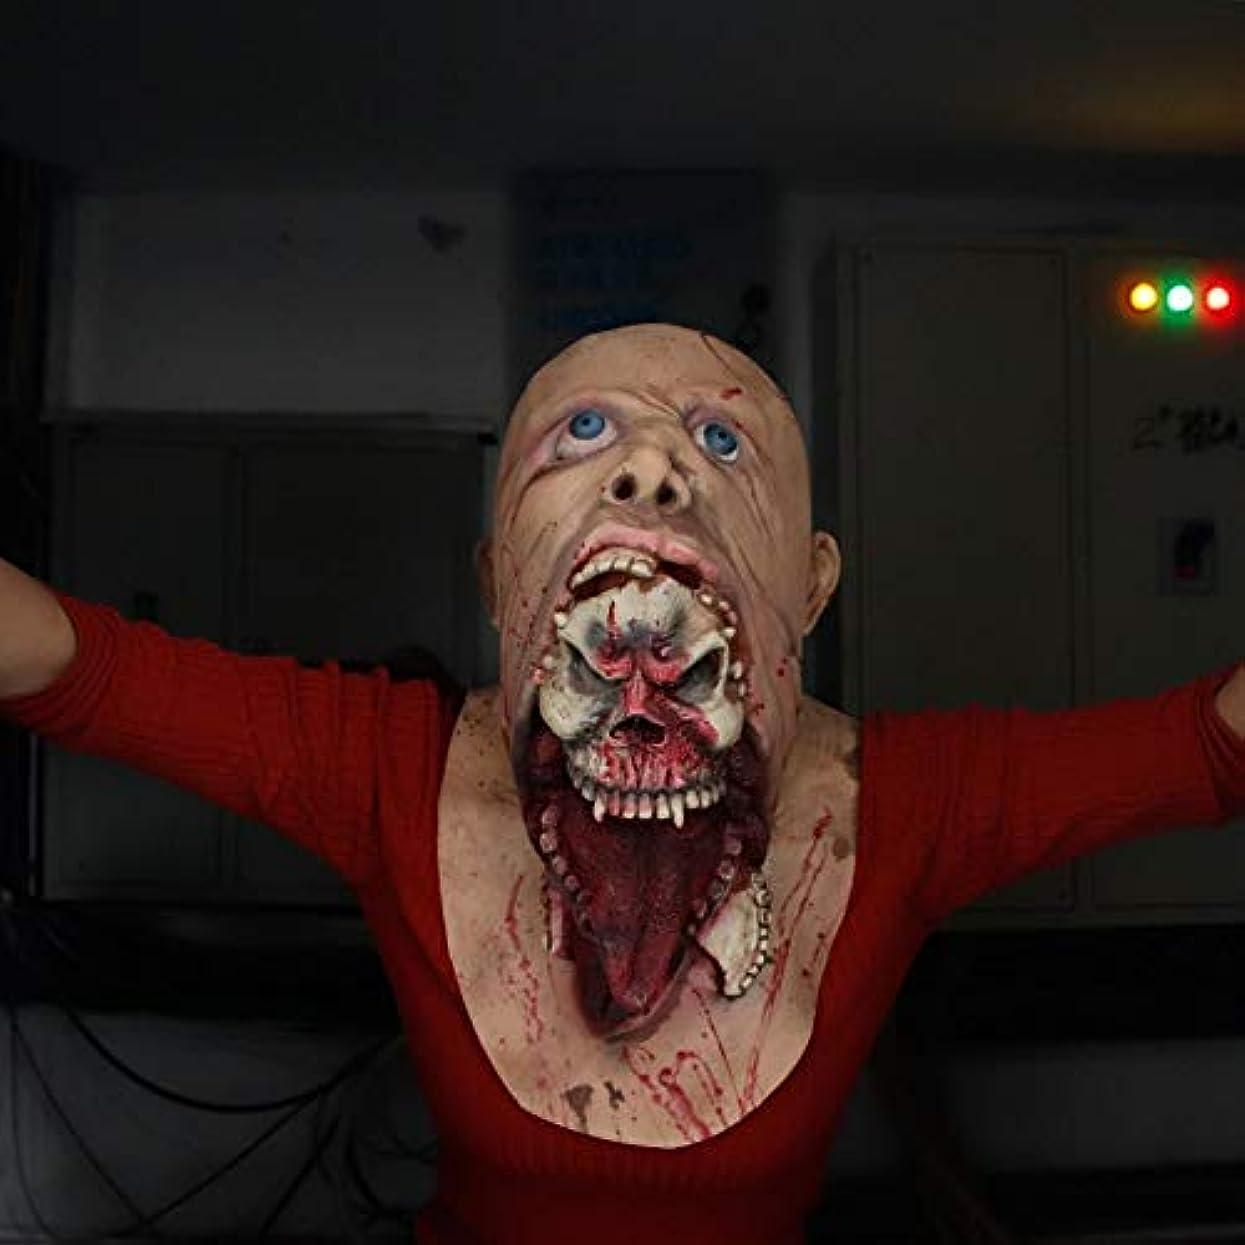 ラベルドラゴン印象的なラテックスゾンビハロウィーンマスク、怖い寄生虫マスク、怖い残酷なラテックスマスク